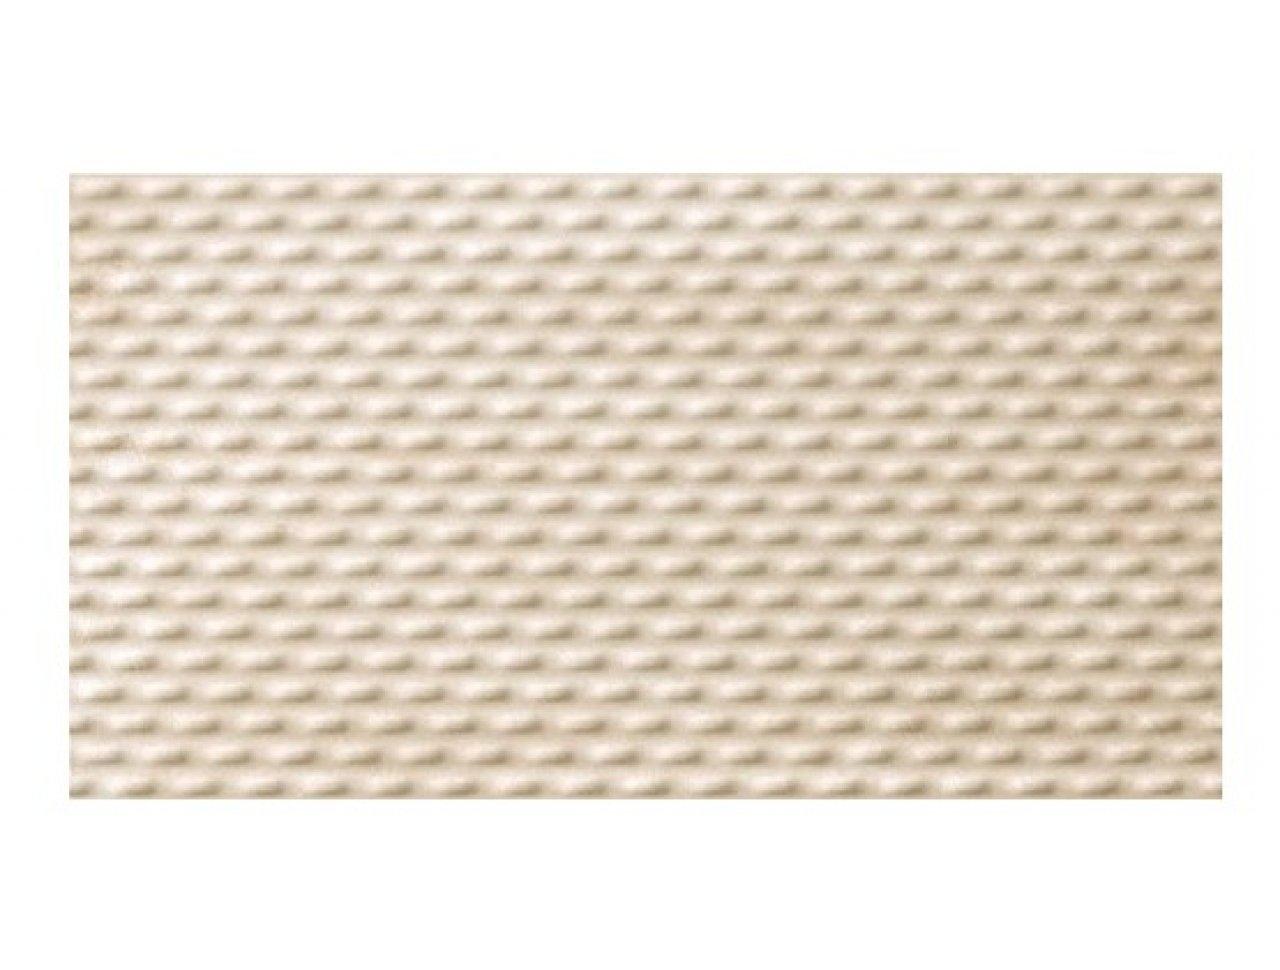 Настенная плитка FAP Frame Knot Sand 30.5 x 56 см, Арт. fLES